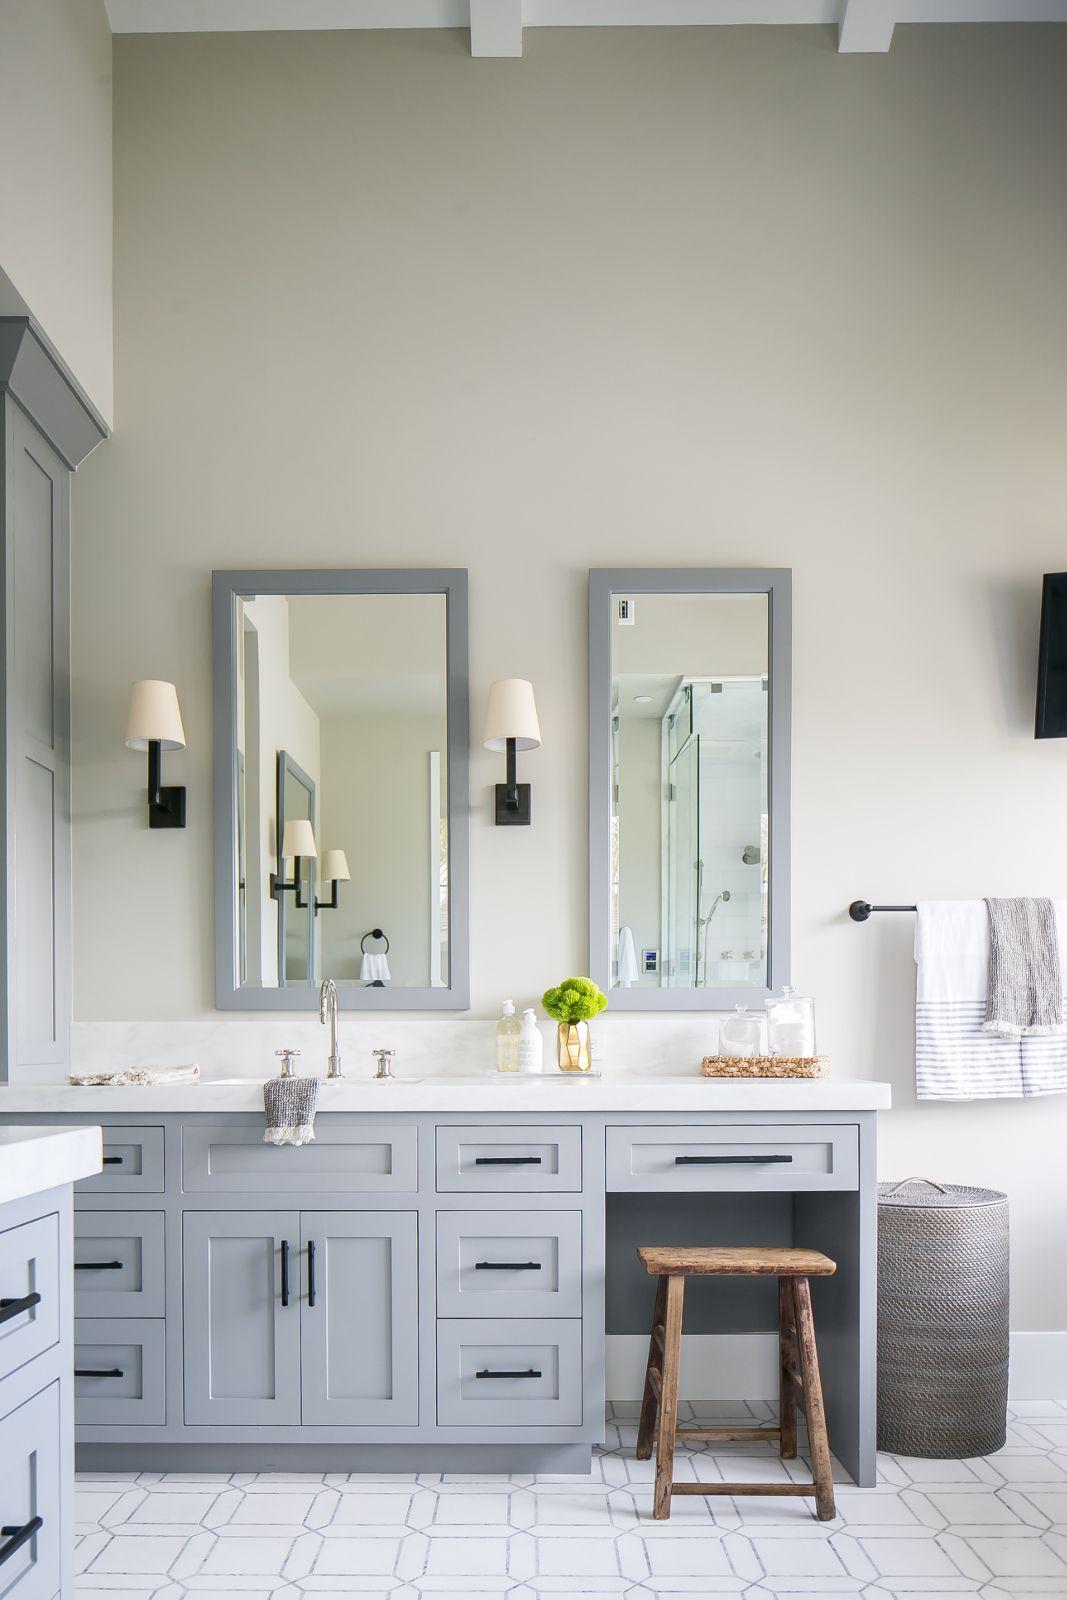 Matte Black Hardware Round Up Bathroom Vanity Designs Rustic Bathroom Vanities Diy Bathroom Remodel